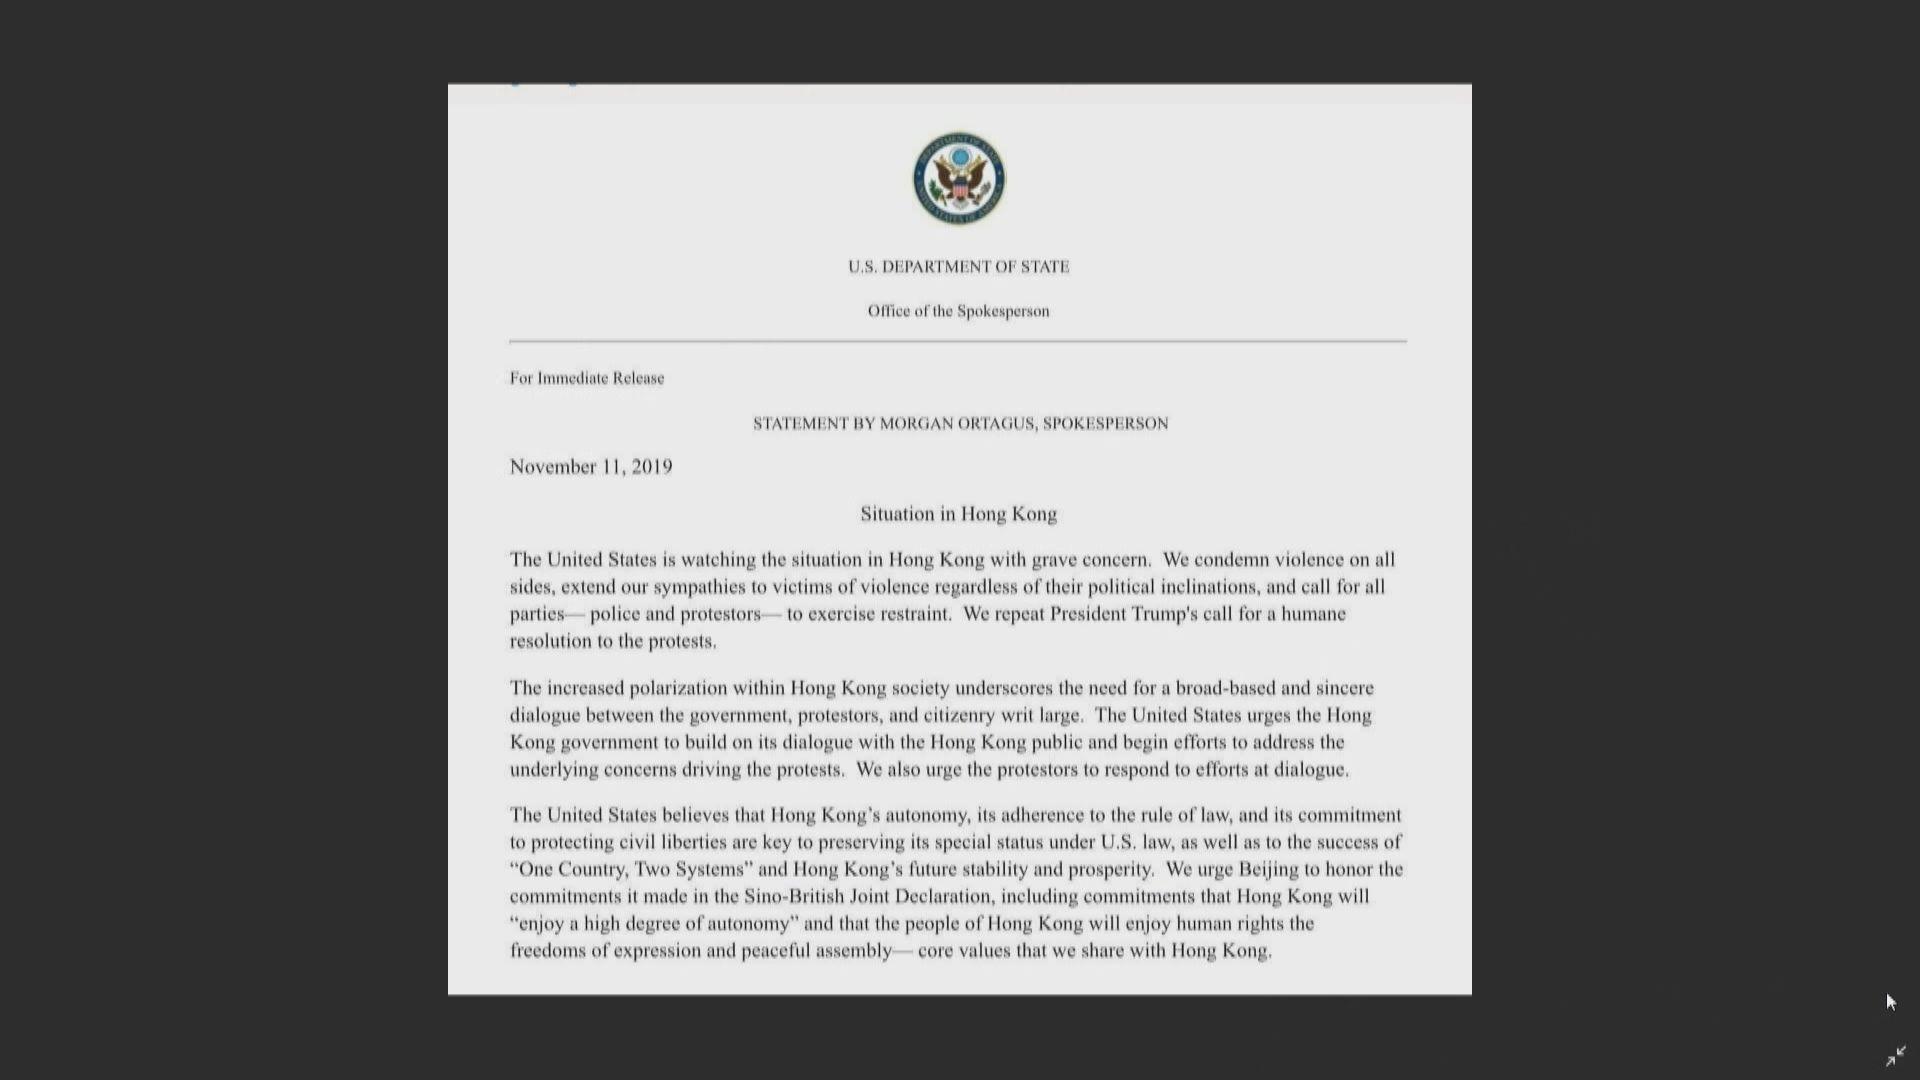 美國國務院譴責暴力 促警方示威者都要克制